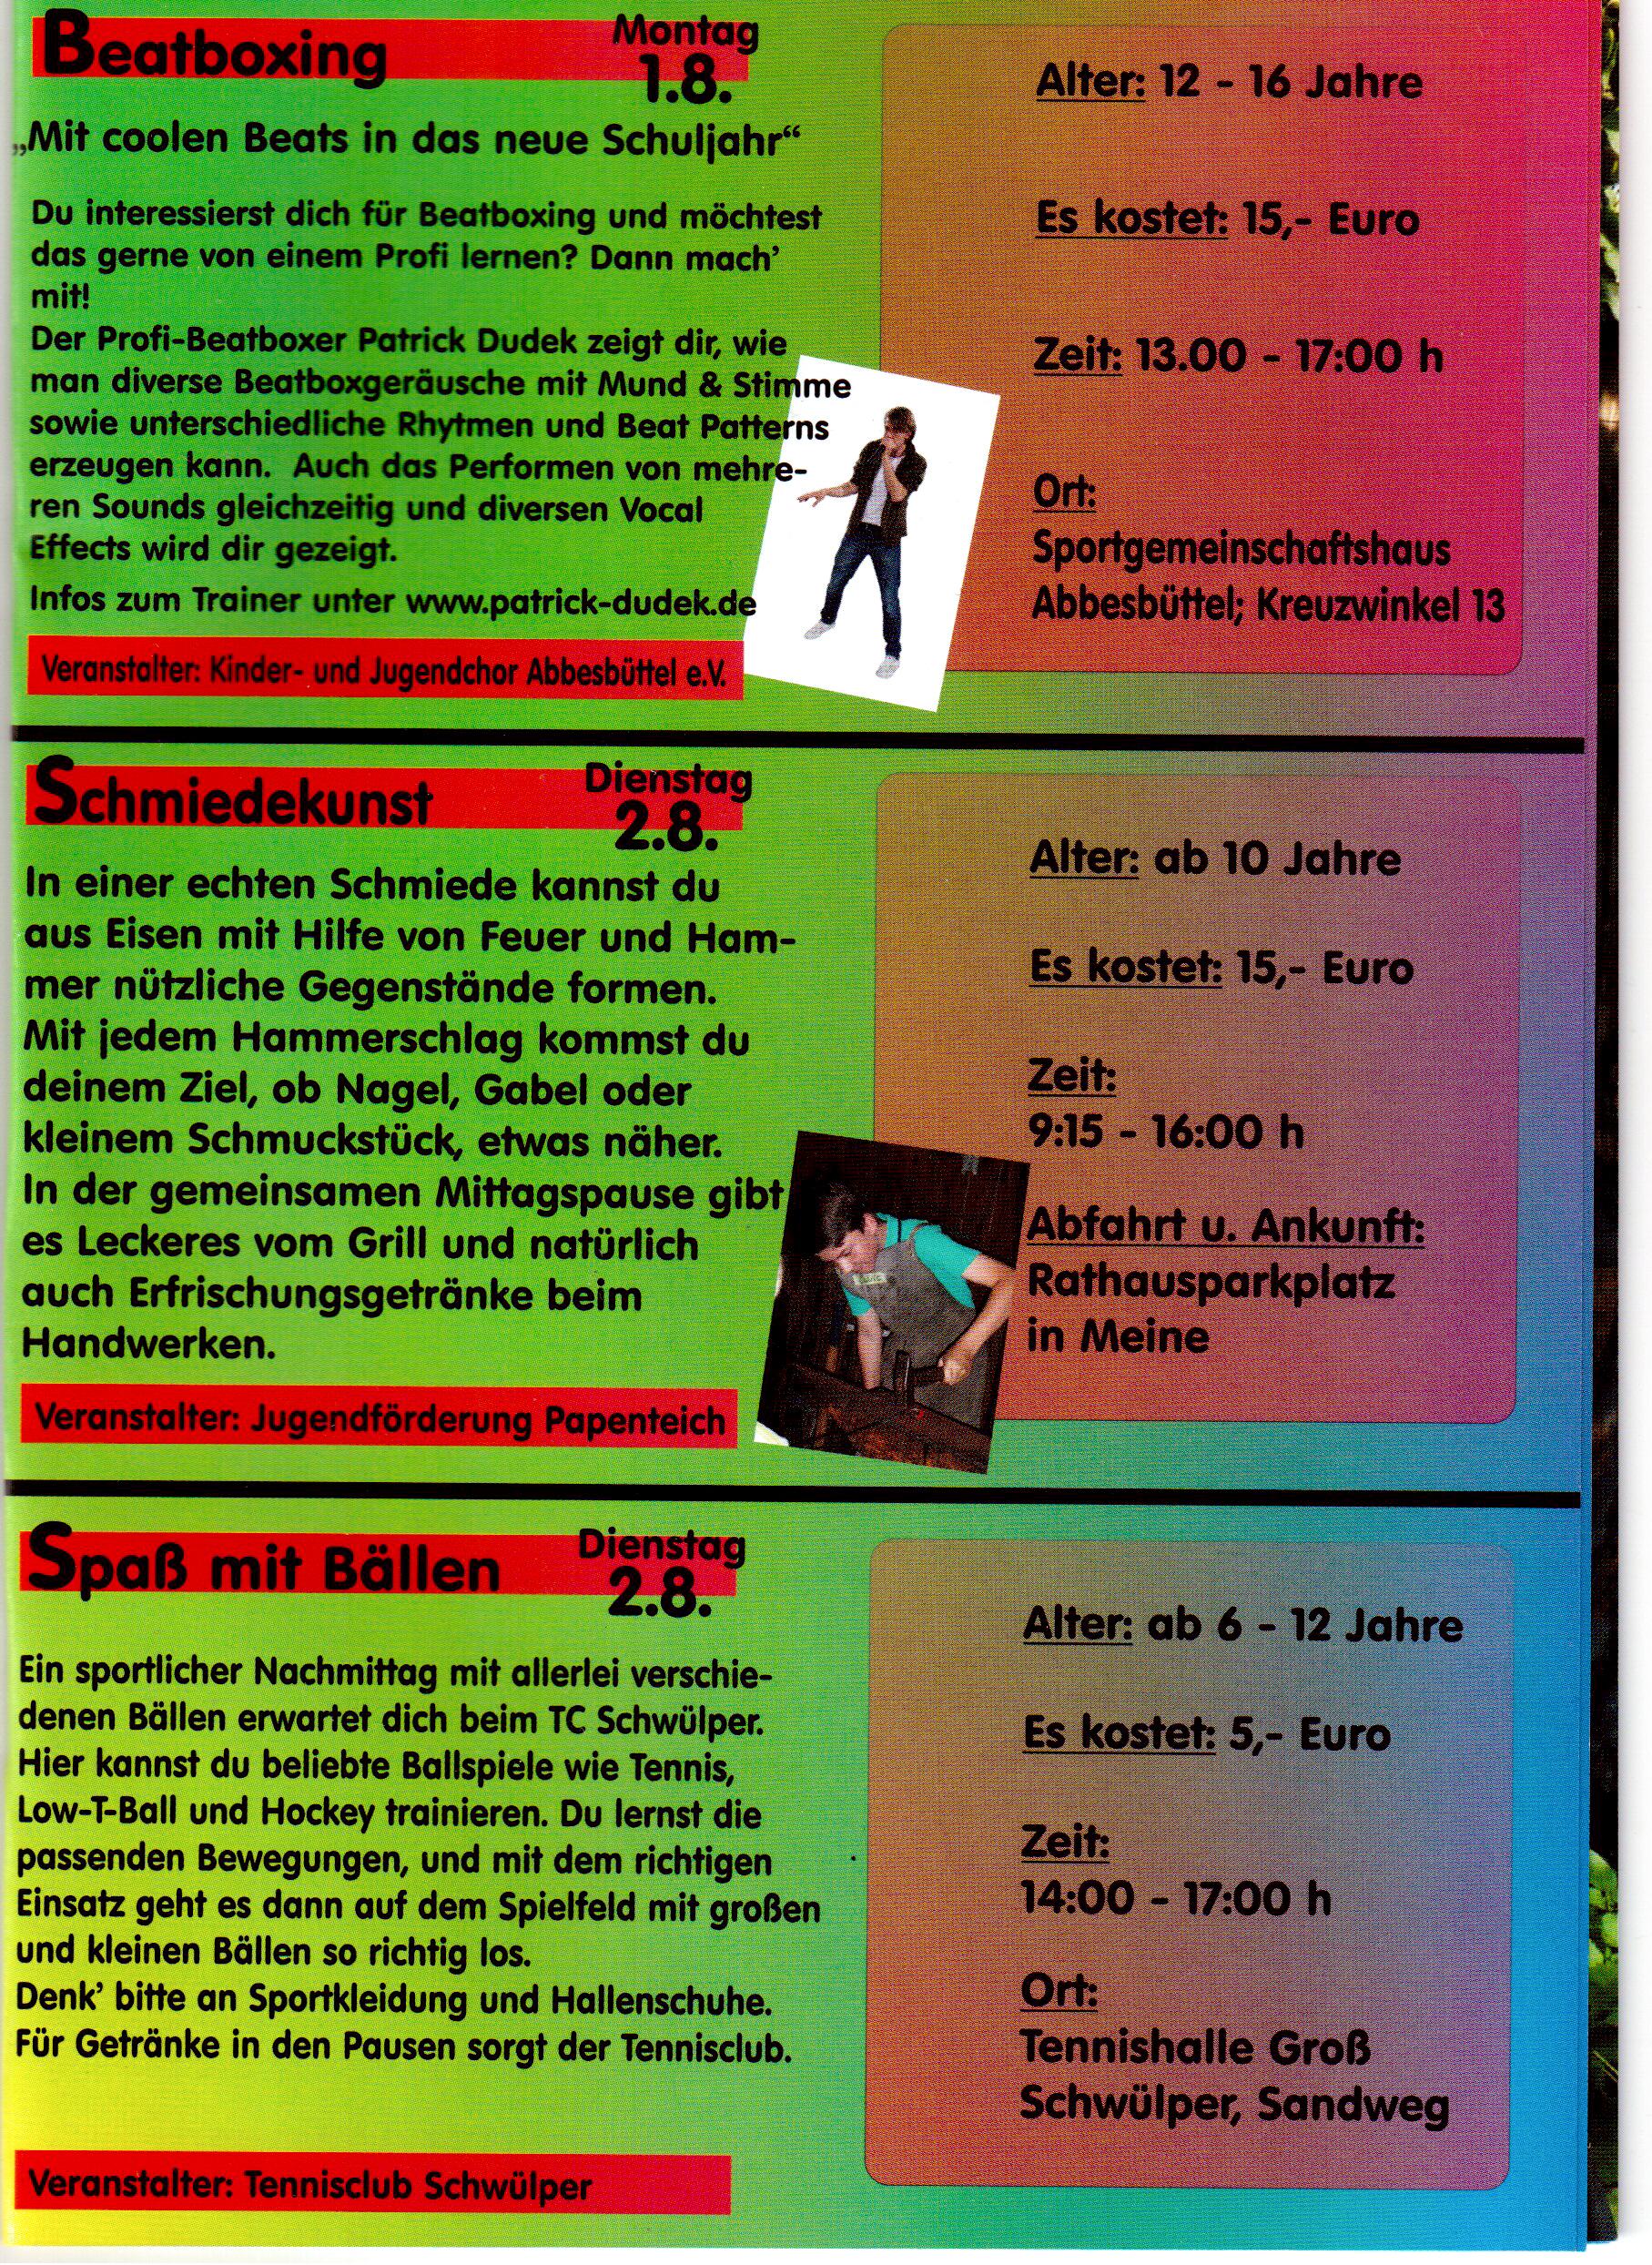 Ferienprogramm der Gemeinde Meine / Papenteich | Falk Laxander